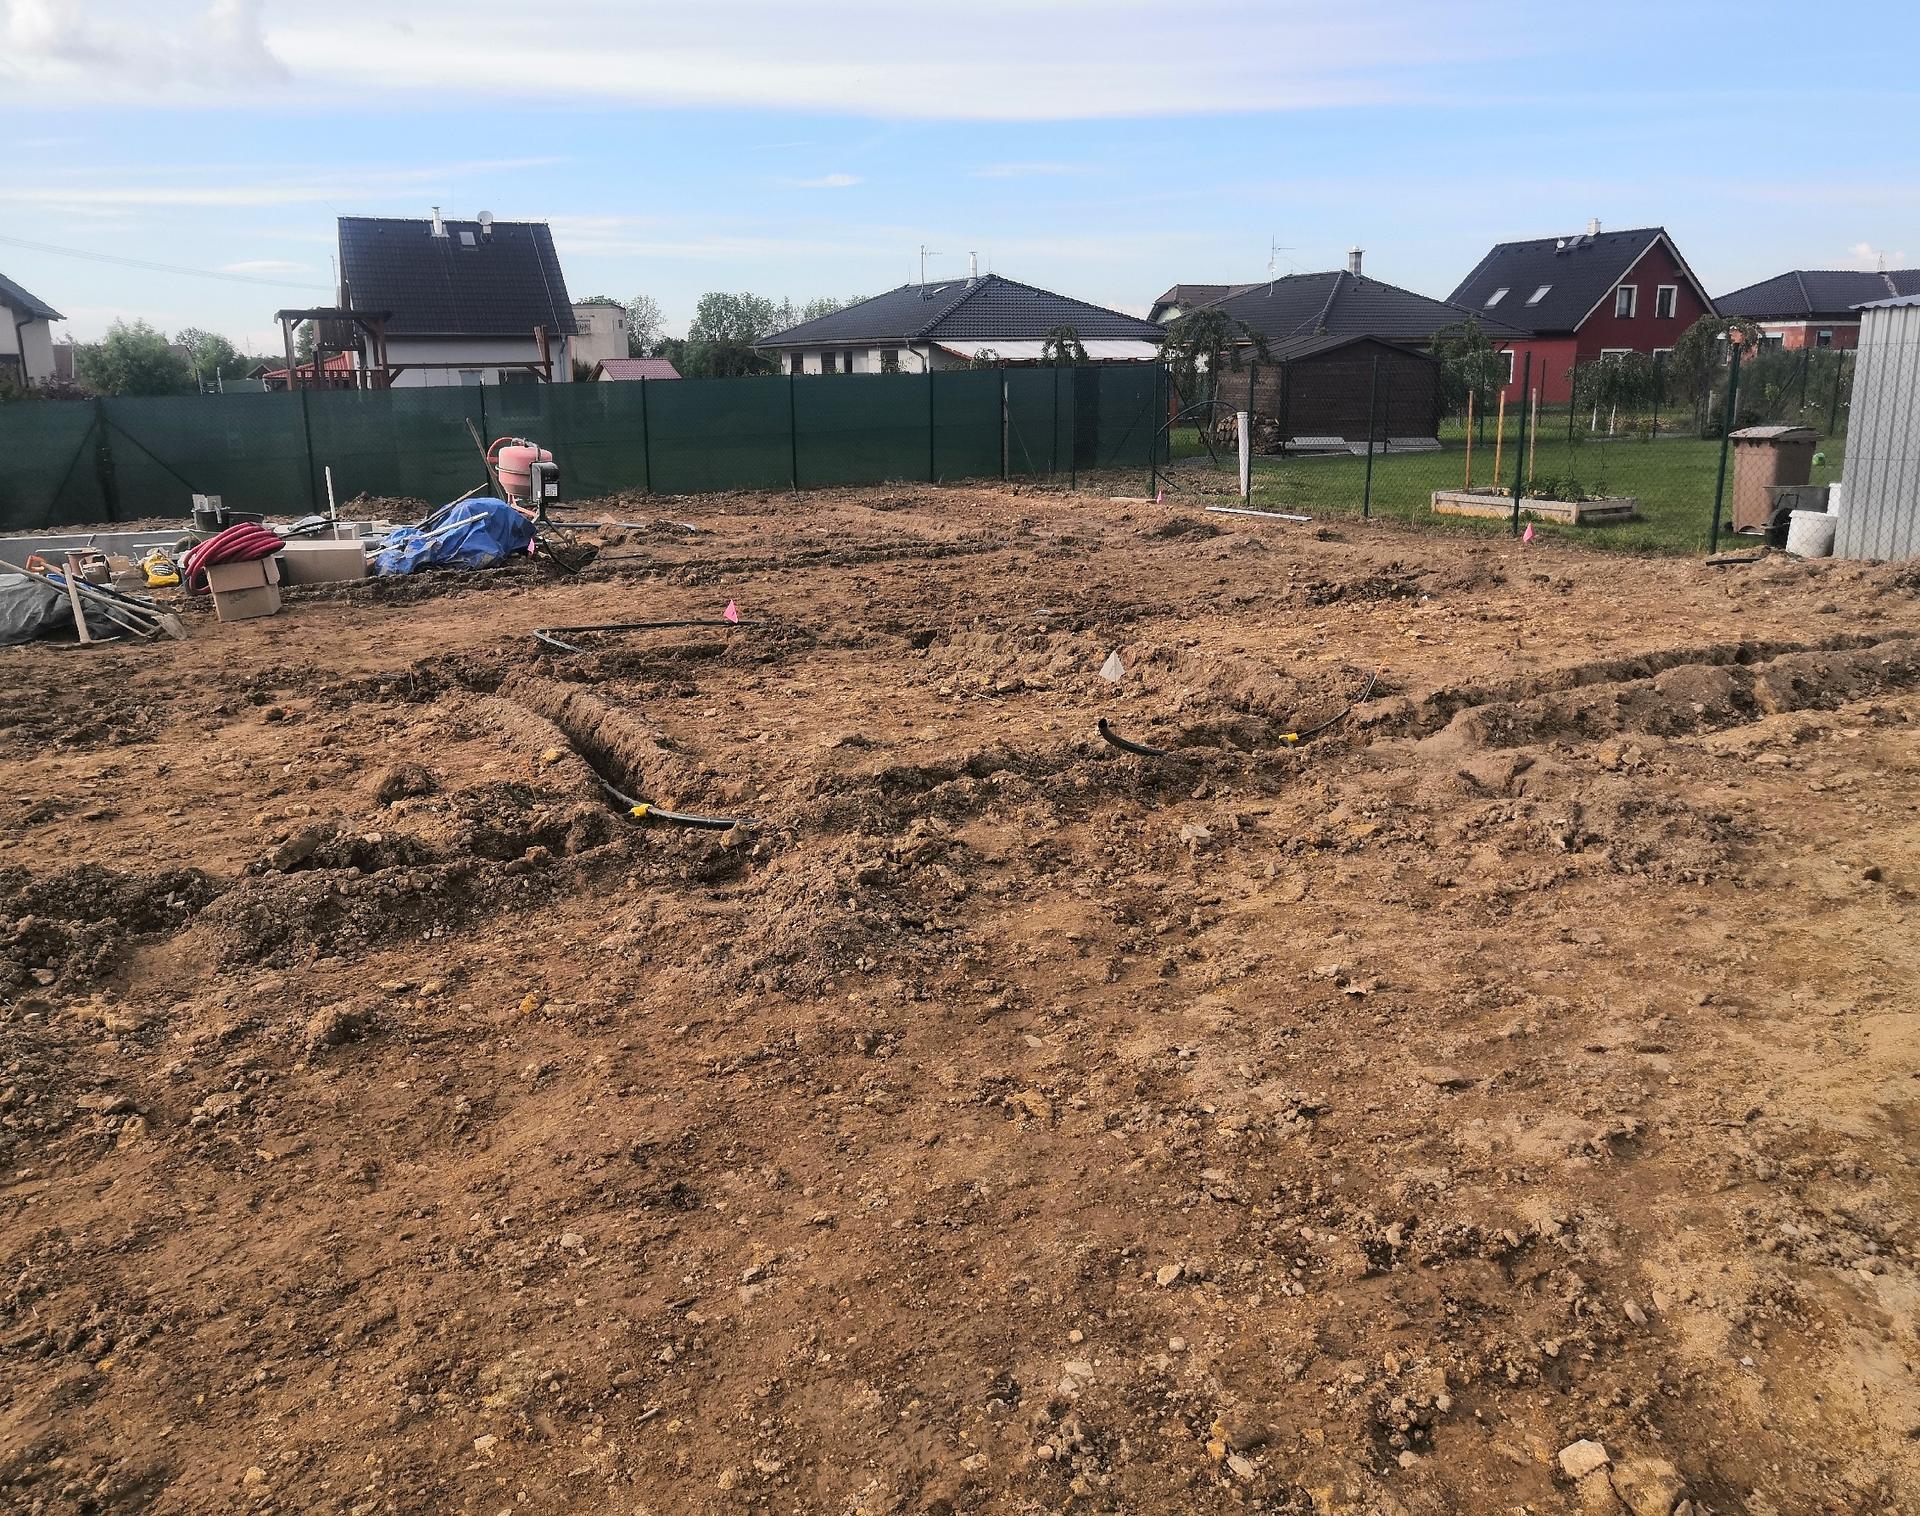 Zahrada na klíč - 11.6.2020 Díry pro zavlažování jsou již připraveny a trubky se mohou začít natahovat. Vše nám stále komplikují deště, díky kterým je pozemek stále promáčený.